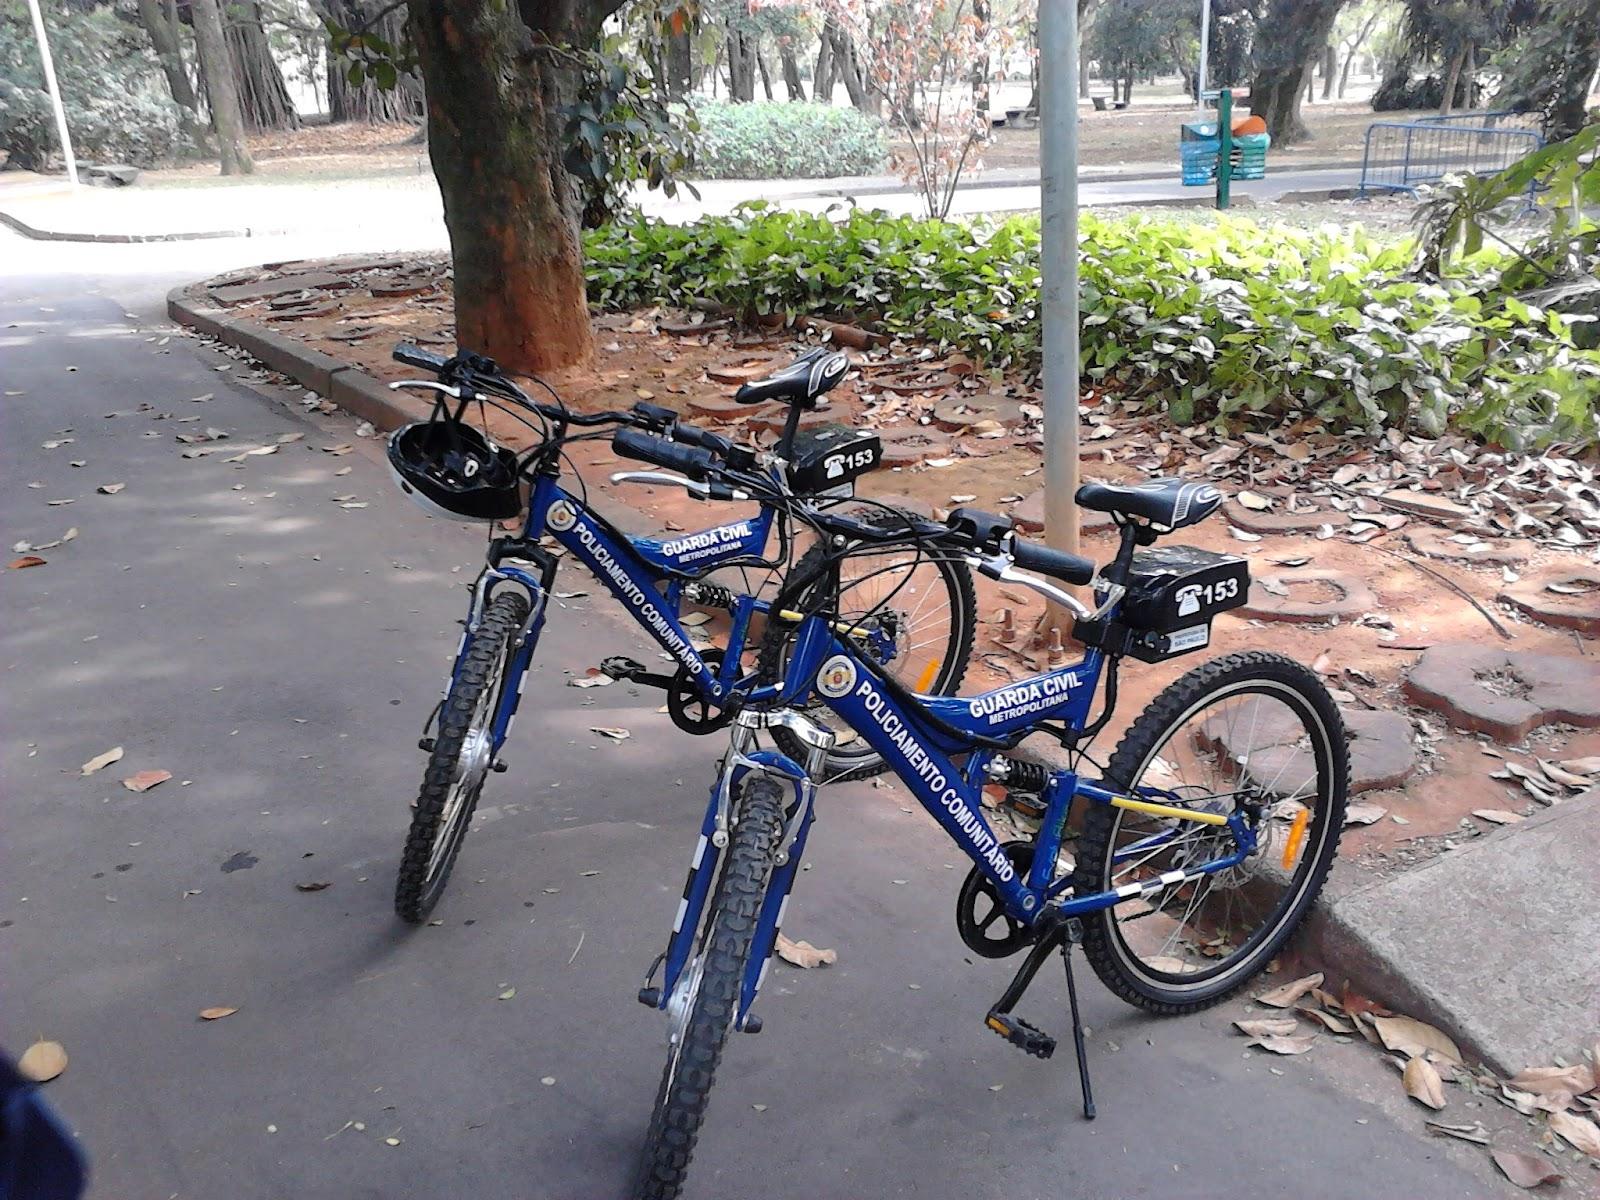 O novo equipamento da guarda civil bicicleta el trica for Piso xose novo freire